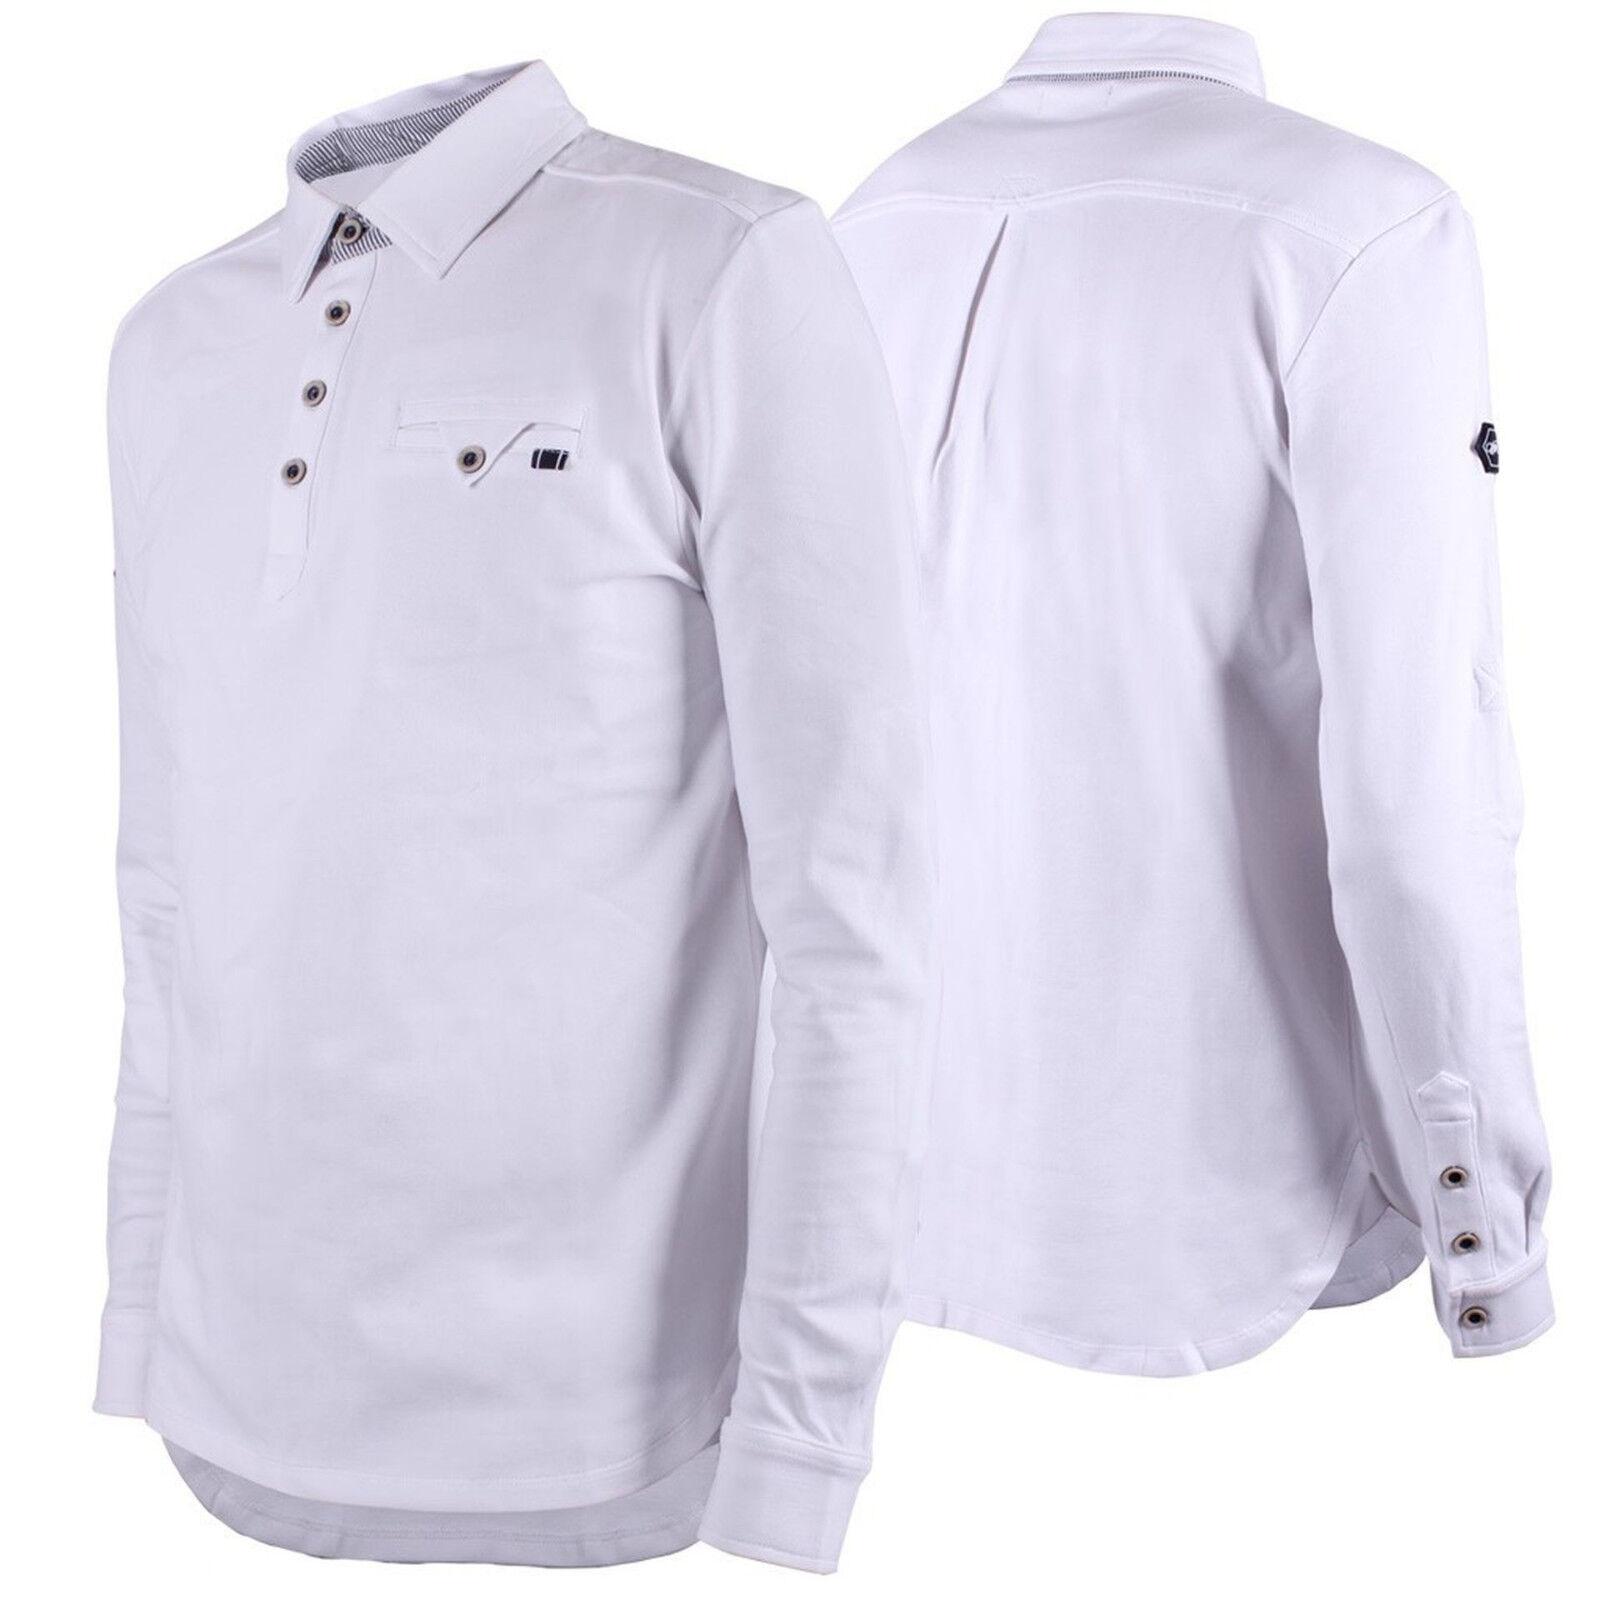 Qhp Uomo torneo Shirt Ralph Bianco Bianco Bianco Collo Manica Lunga Tg 46 - 52 | Ordini Sono Benvenuti  | Apparenza Estetica  899f12